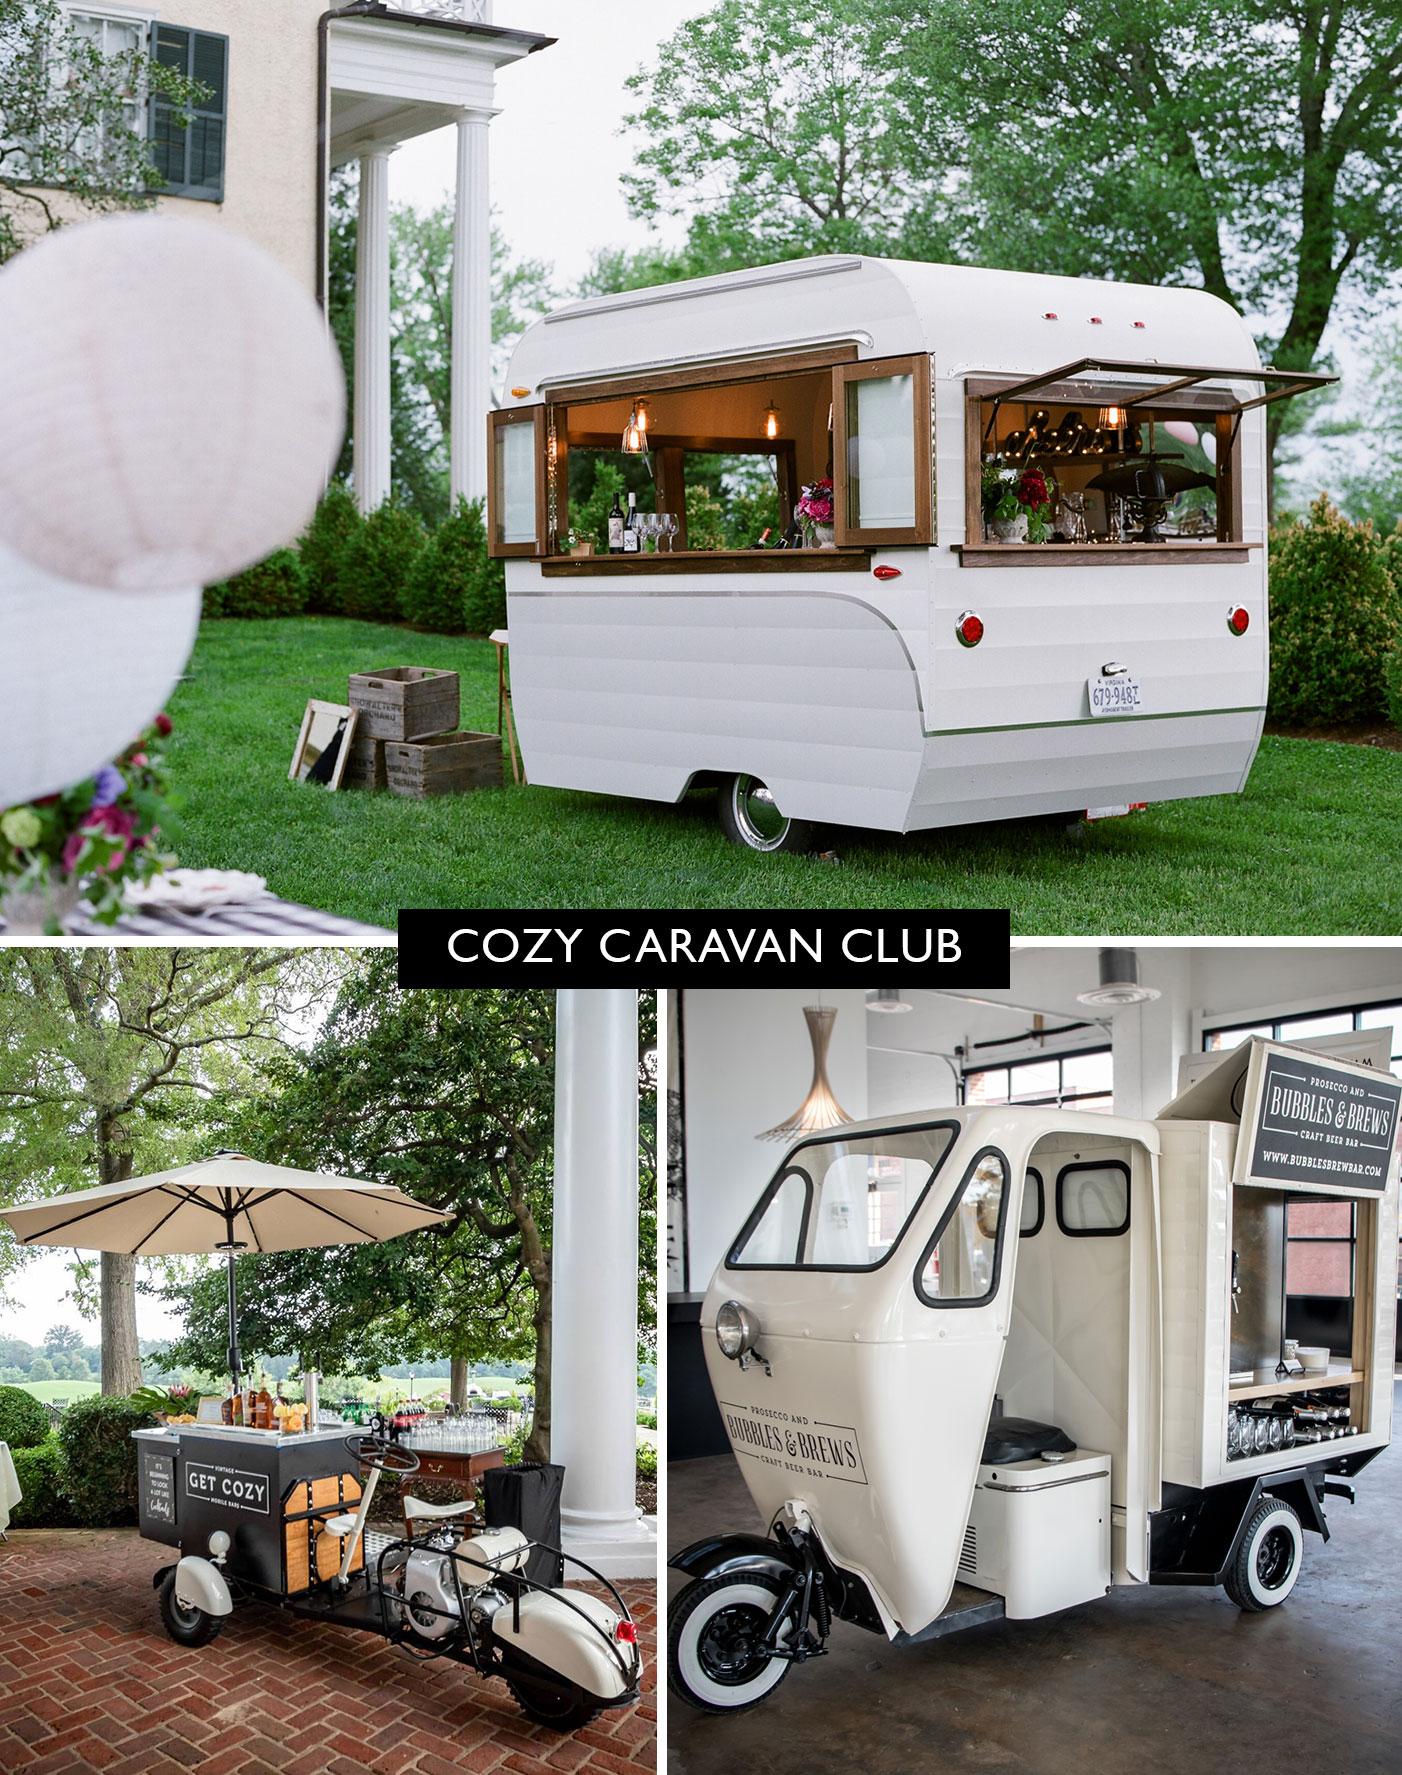 Cozy Caravan Club